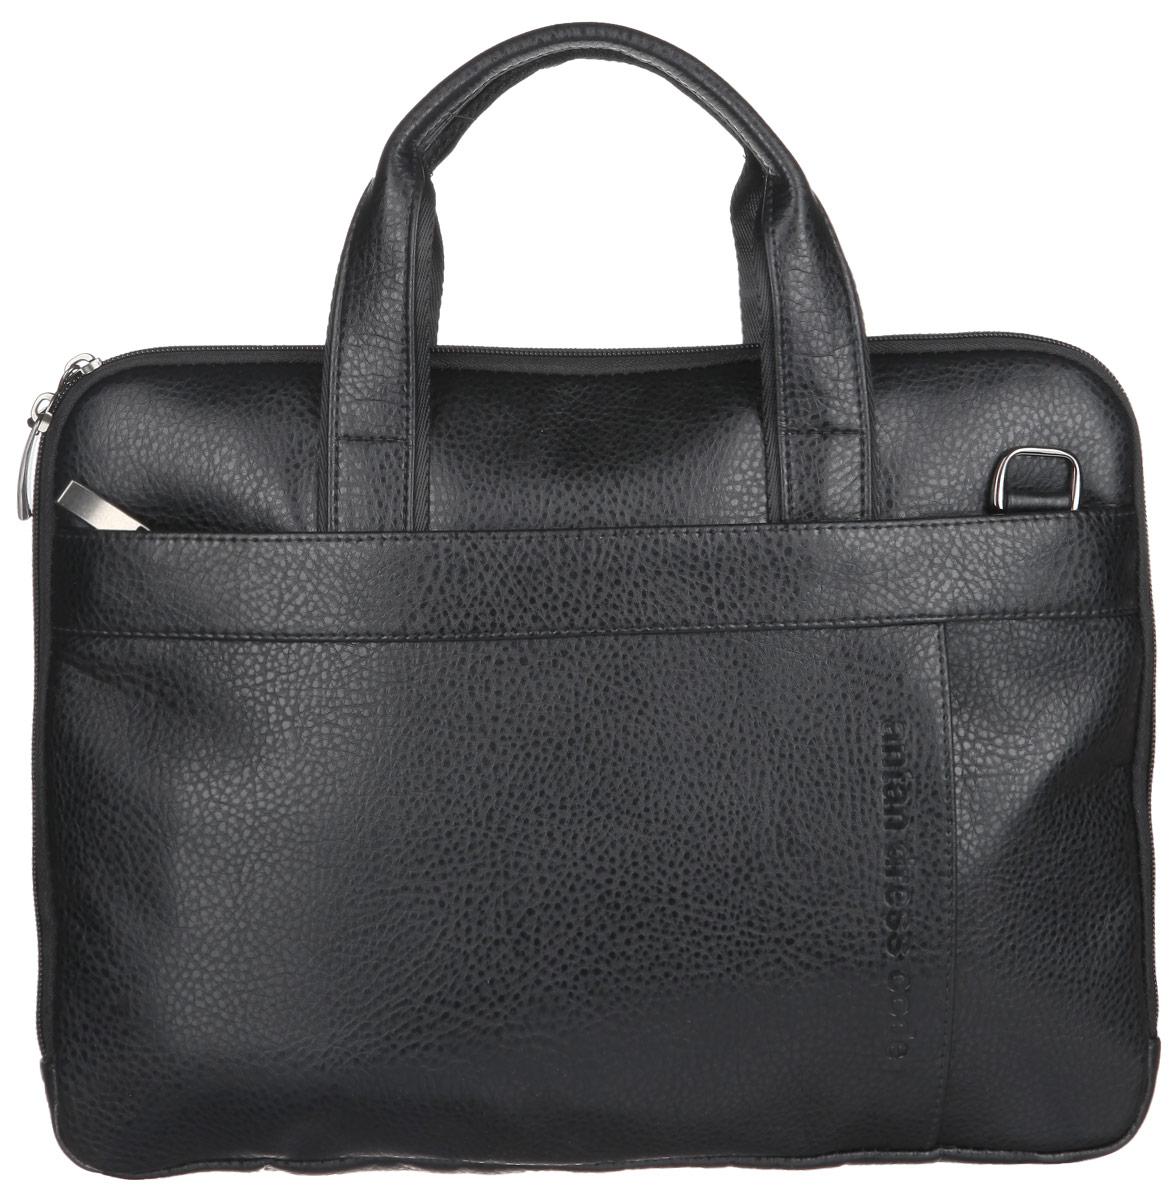 Сумка мужская Antan, цвет: черный. 8-1 ВS76245Стильная мужская сумка Antan выполнена из искусственной кожи, оформлена металлической фурнитурой и символикой бренда.Изделие содержит одно отделение, которое закрывается на застежку-молнию. Внутри размещен врезной карман на молнии. Снаружи, на передней и тыльной стенках сумки, расположены три накладных кармана, каждый из которых закрывается на застежку-молнию. Сумка оснащена двумя практичными ручками и съемным плечевым ремнем регулируемой длины, которые позволят носить изделие, как в руках, так и на плече.Сумка Antan прекрасно дополнит ваш деловой образ.